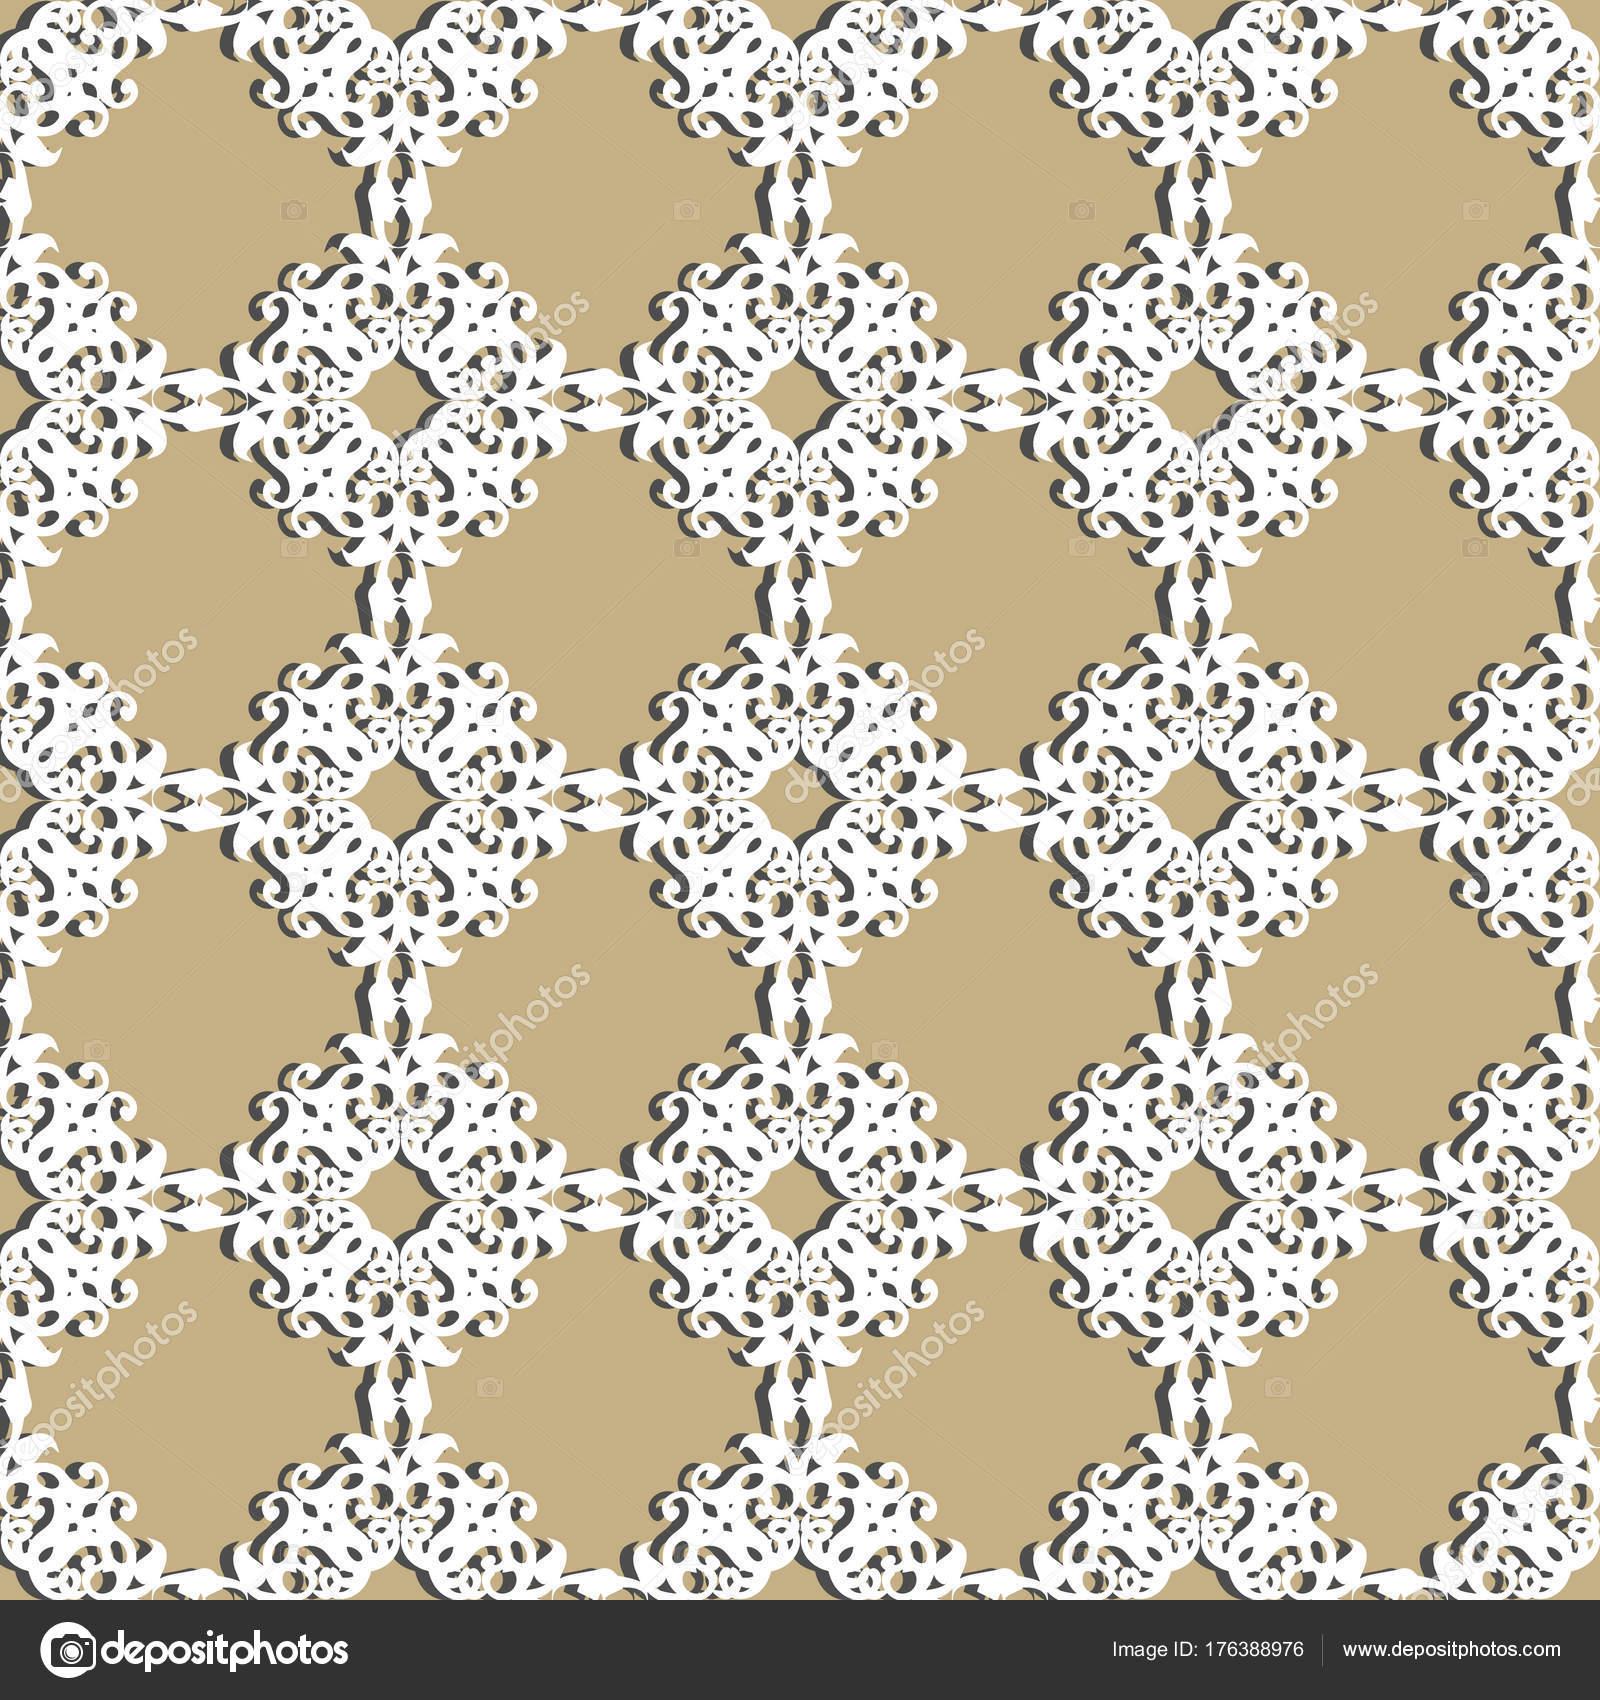 Seamless Modeli Patchwork Beyaz Tabaklar Süsler Duvar Kağıtları